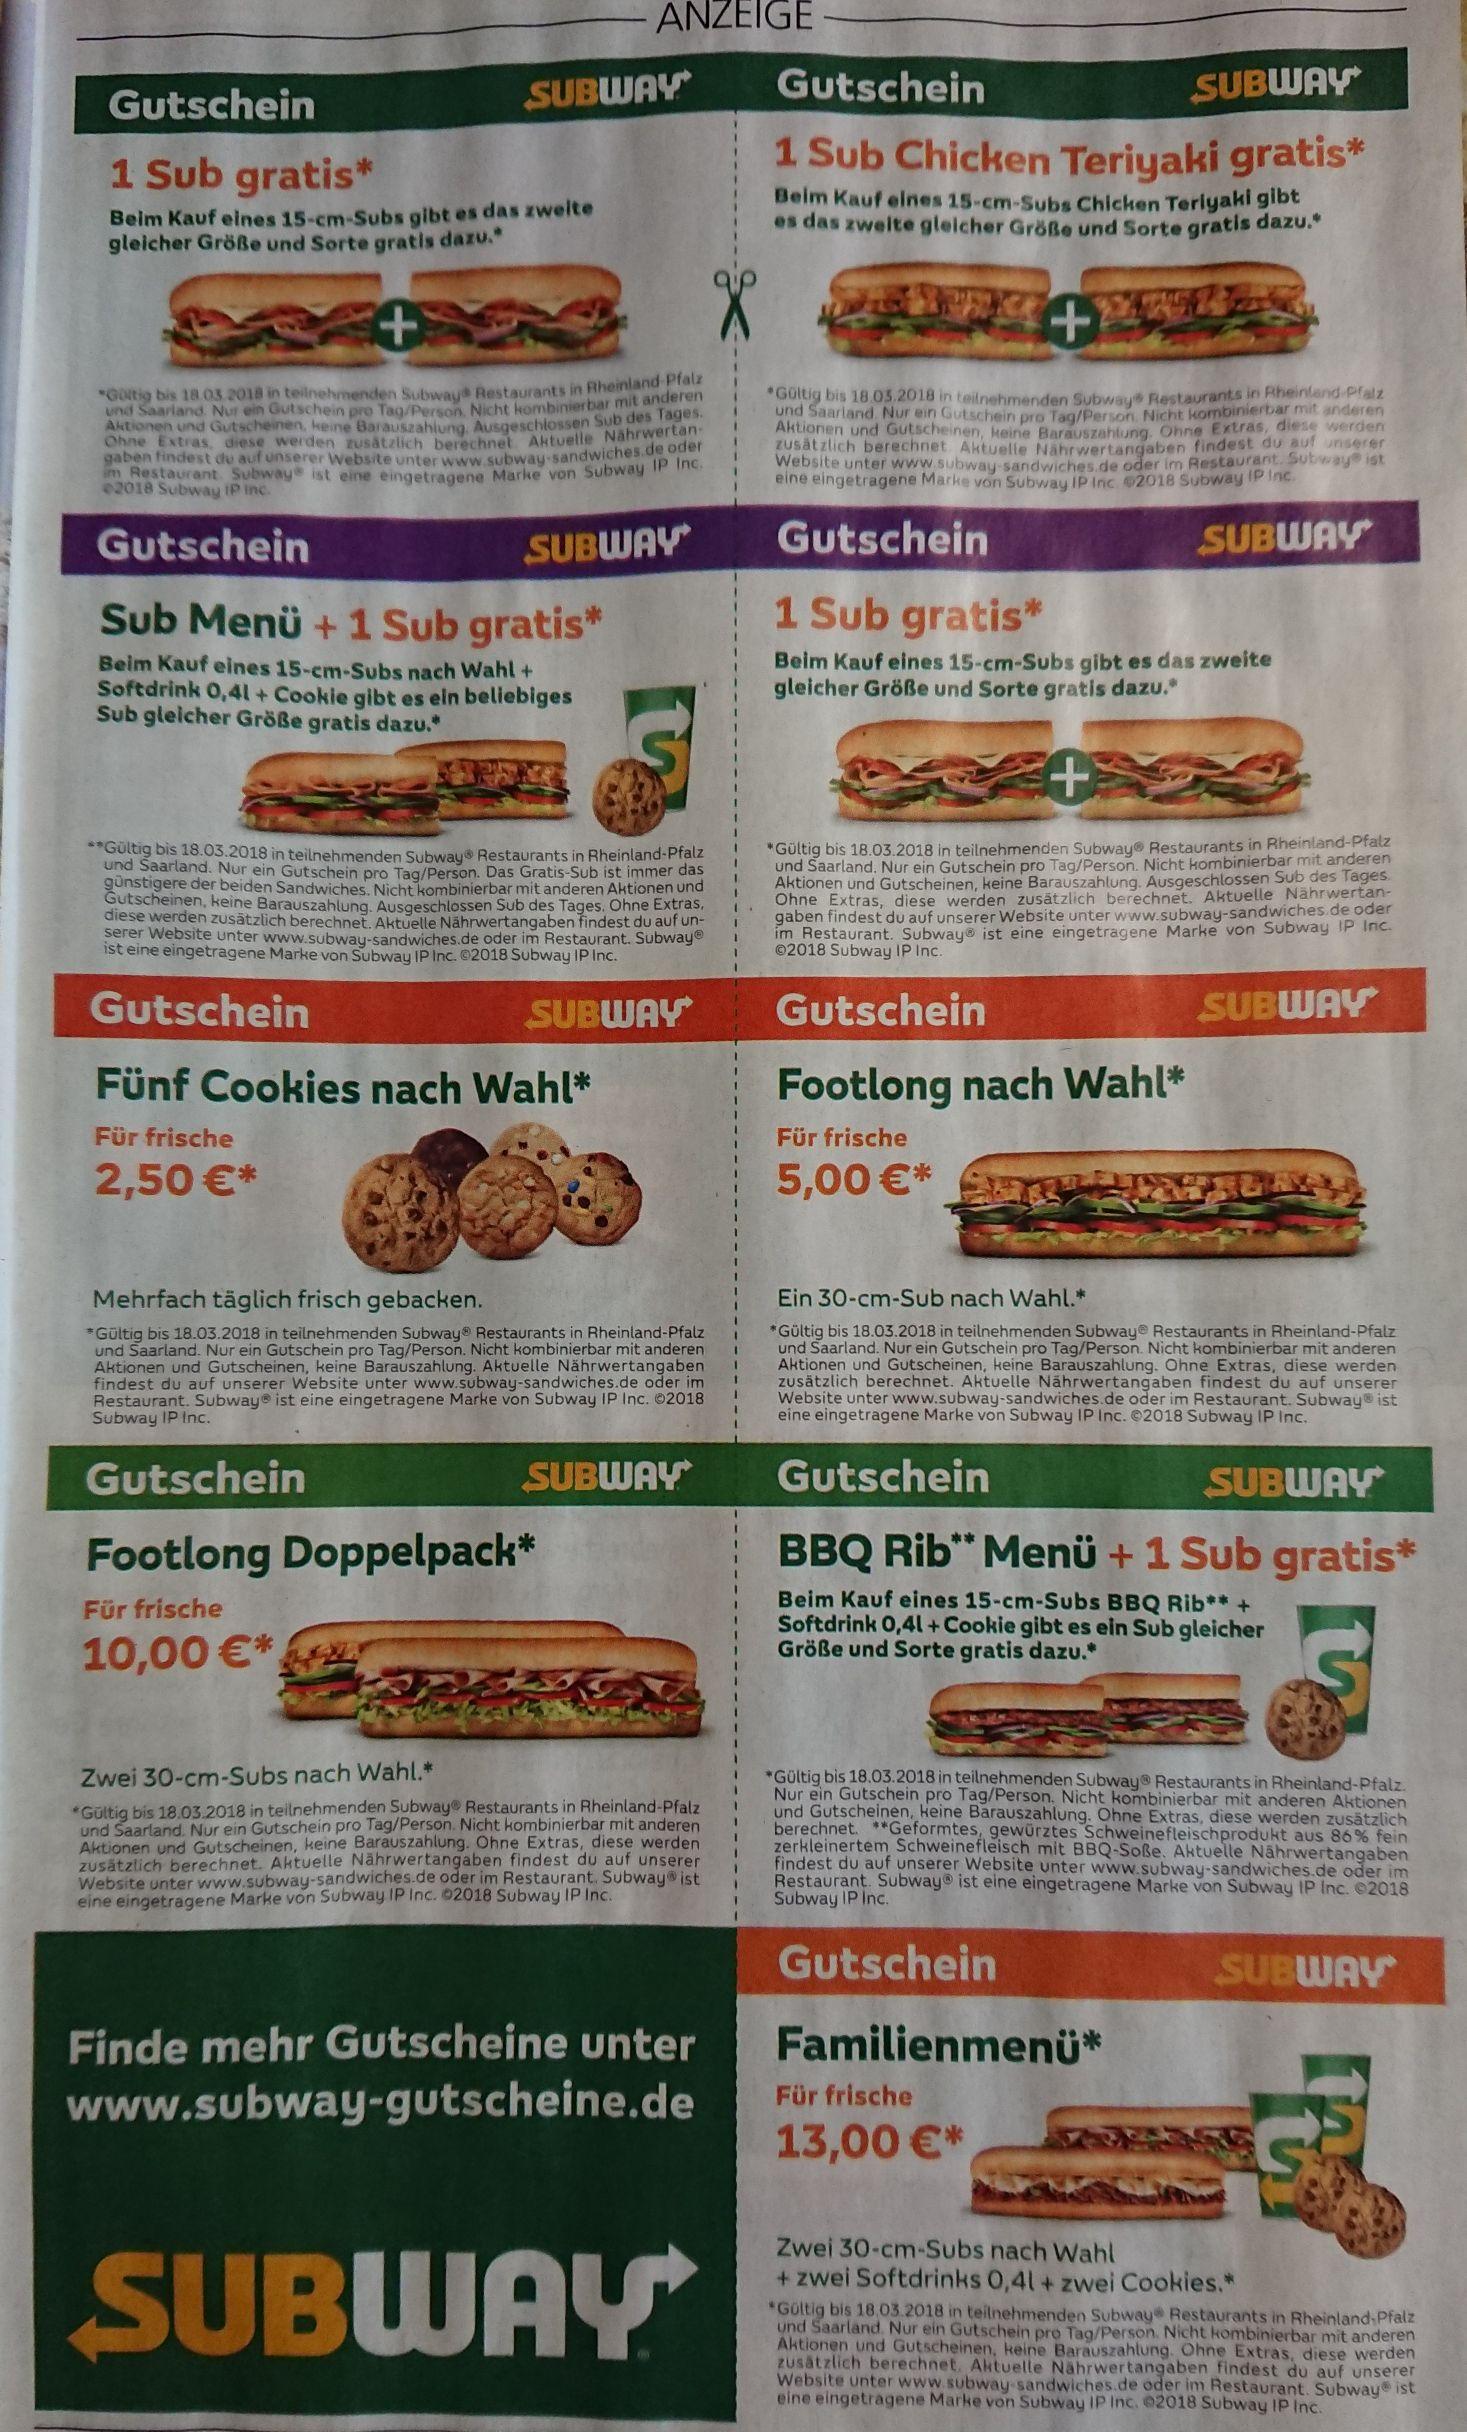 Subway Gutscheine für Rheinland-Pfalz und das Saarland